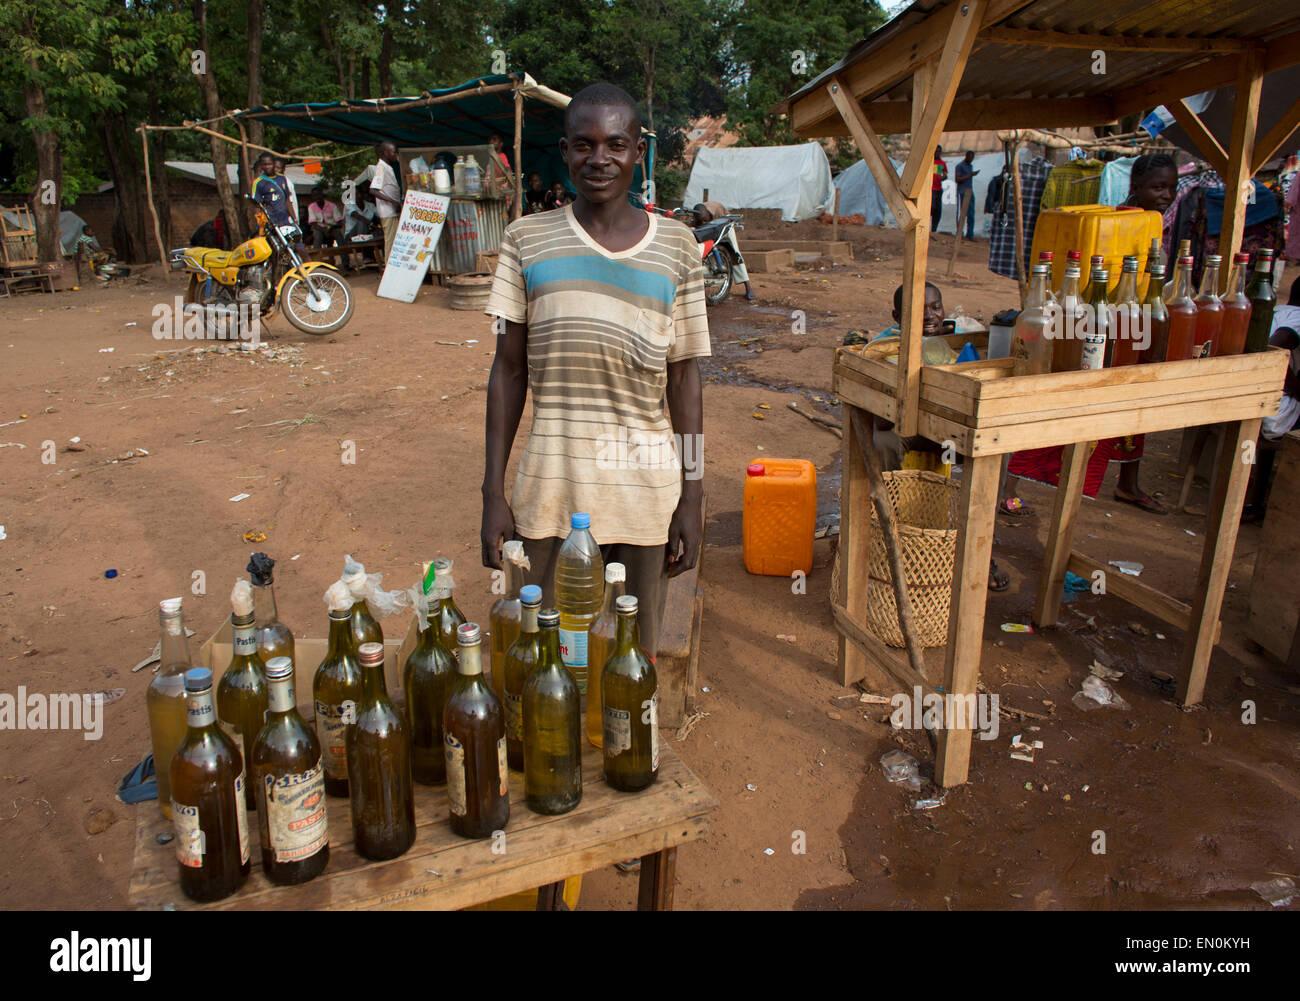 Tankstelle in Afrika Stockfoto